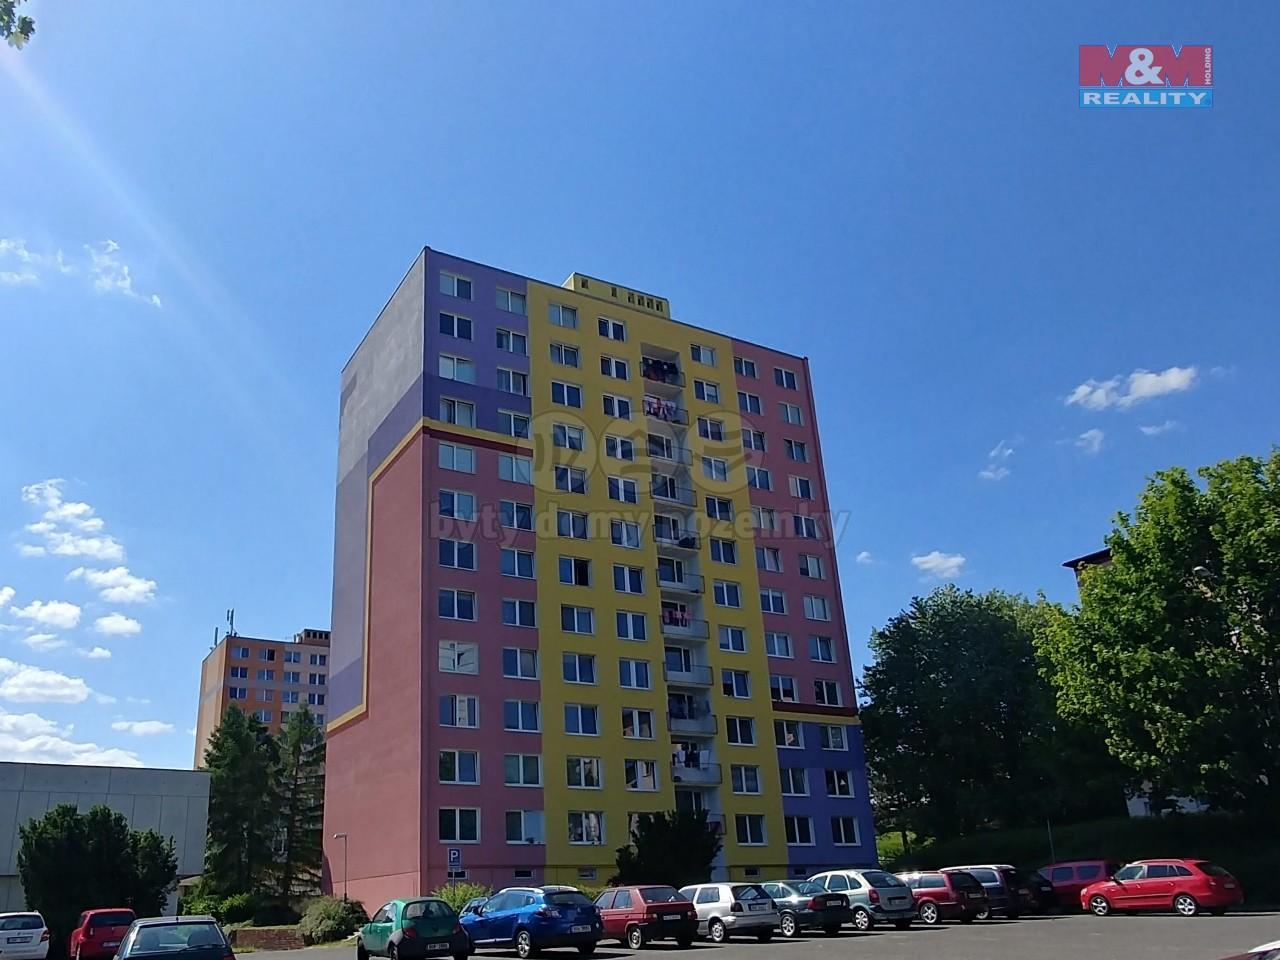 Prodej, byt 1+kk, 26 m2, Ústí nad Labem, ul. Rozcestí